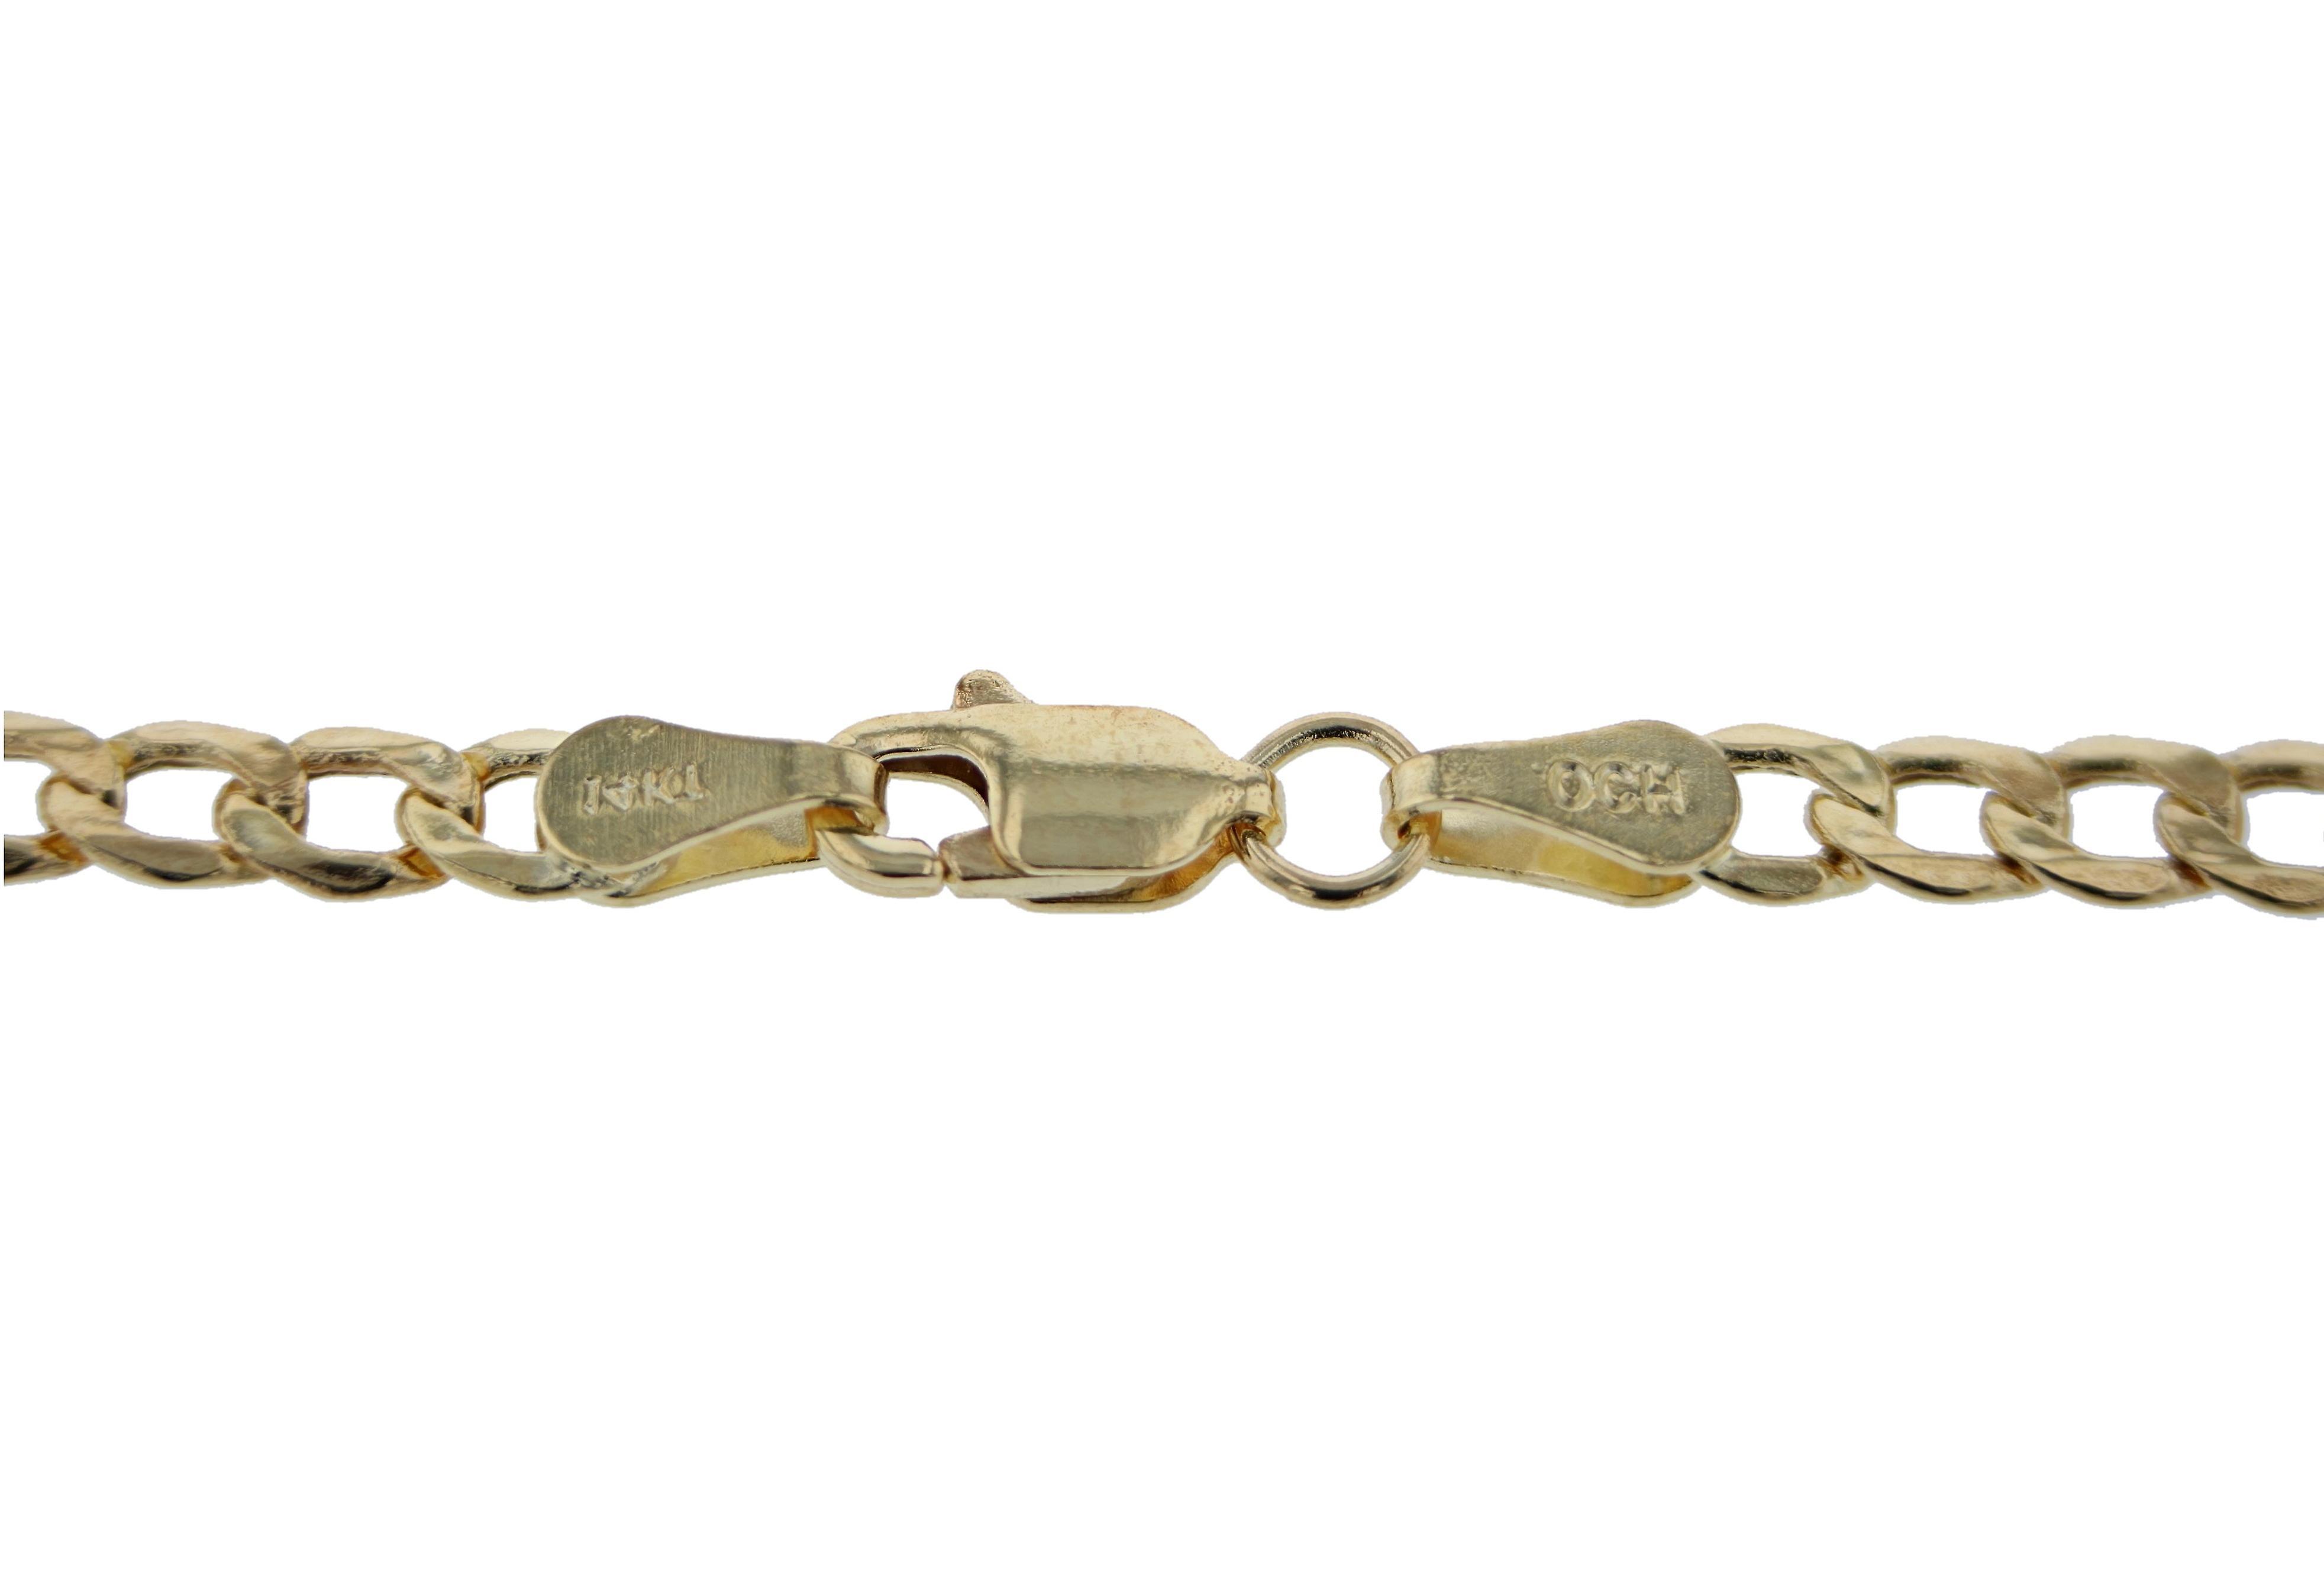 Bracelet chaîne cubaine de Curb creux or jaune 14 k et de la cheville, 0,14 pouce (3,5 mm)